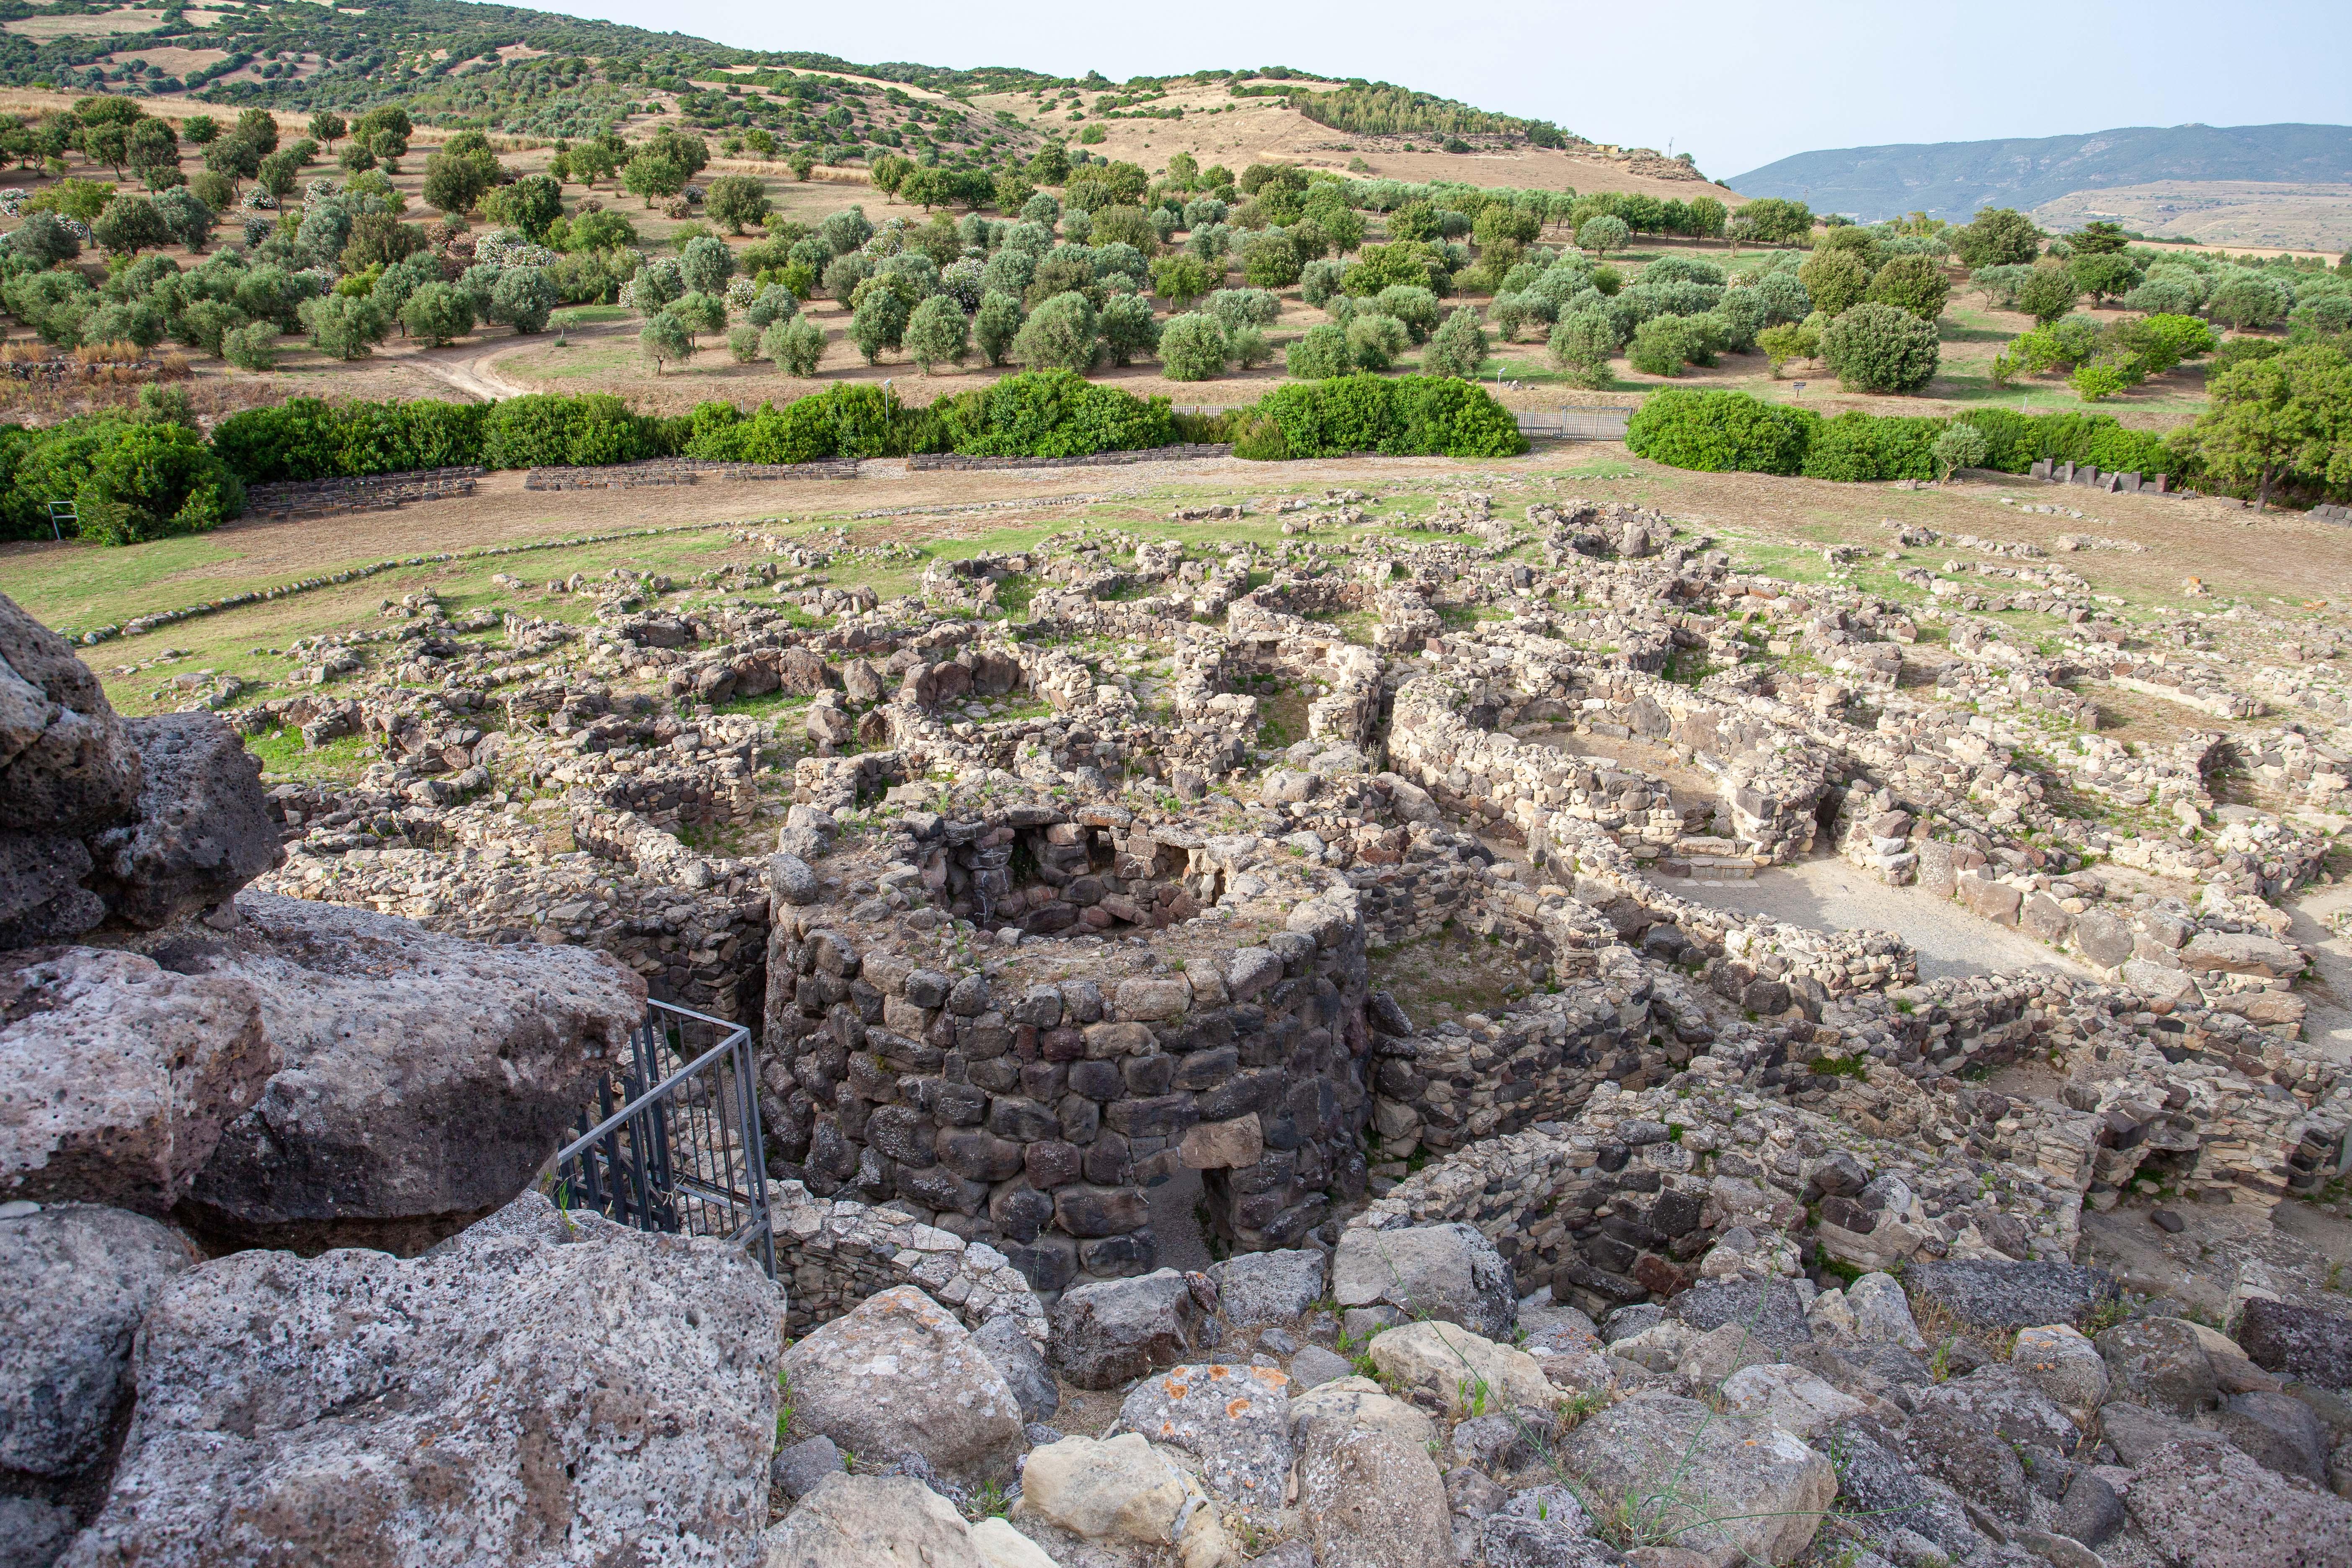 """Bei Barumini findet sich eine der am besten erhaltenen Steinbauten im Süden Sardiniens, die """"Su Nuraxi""""."""